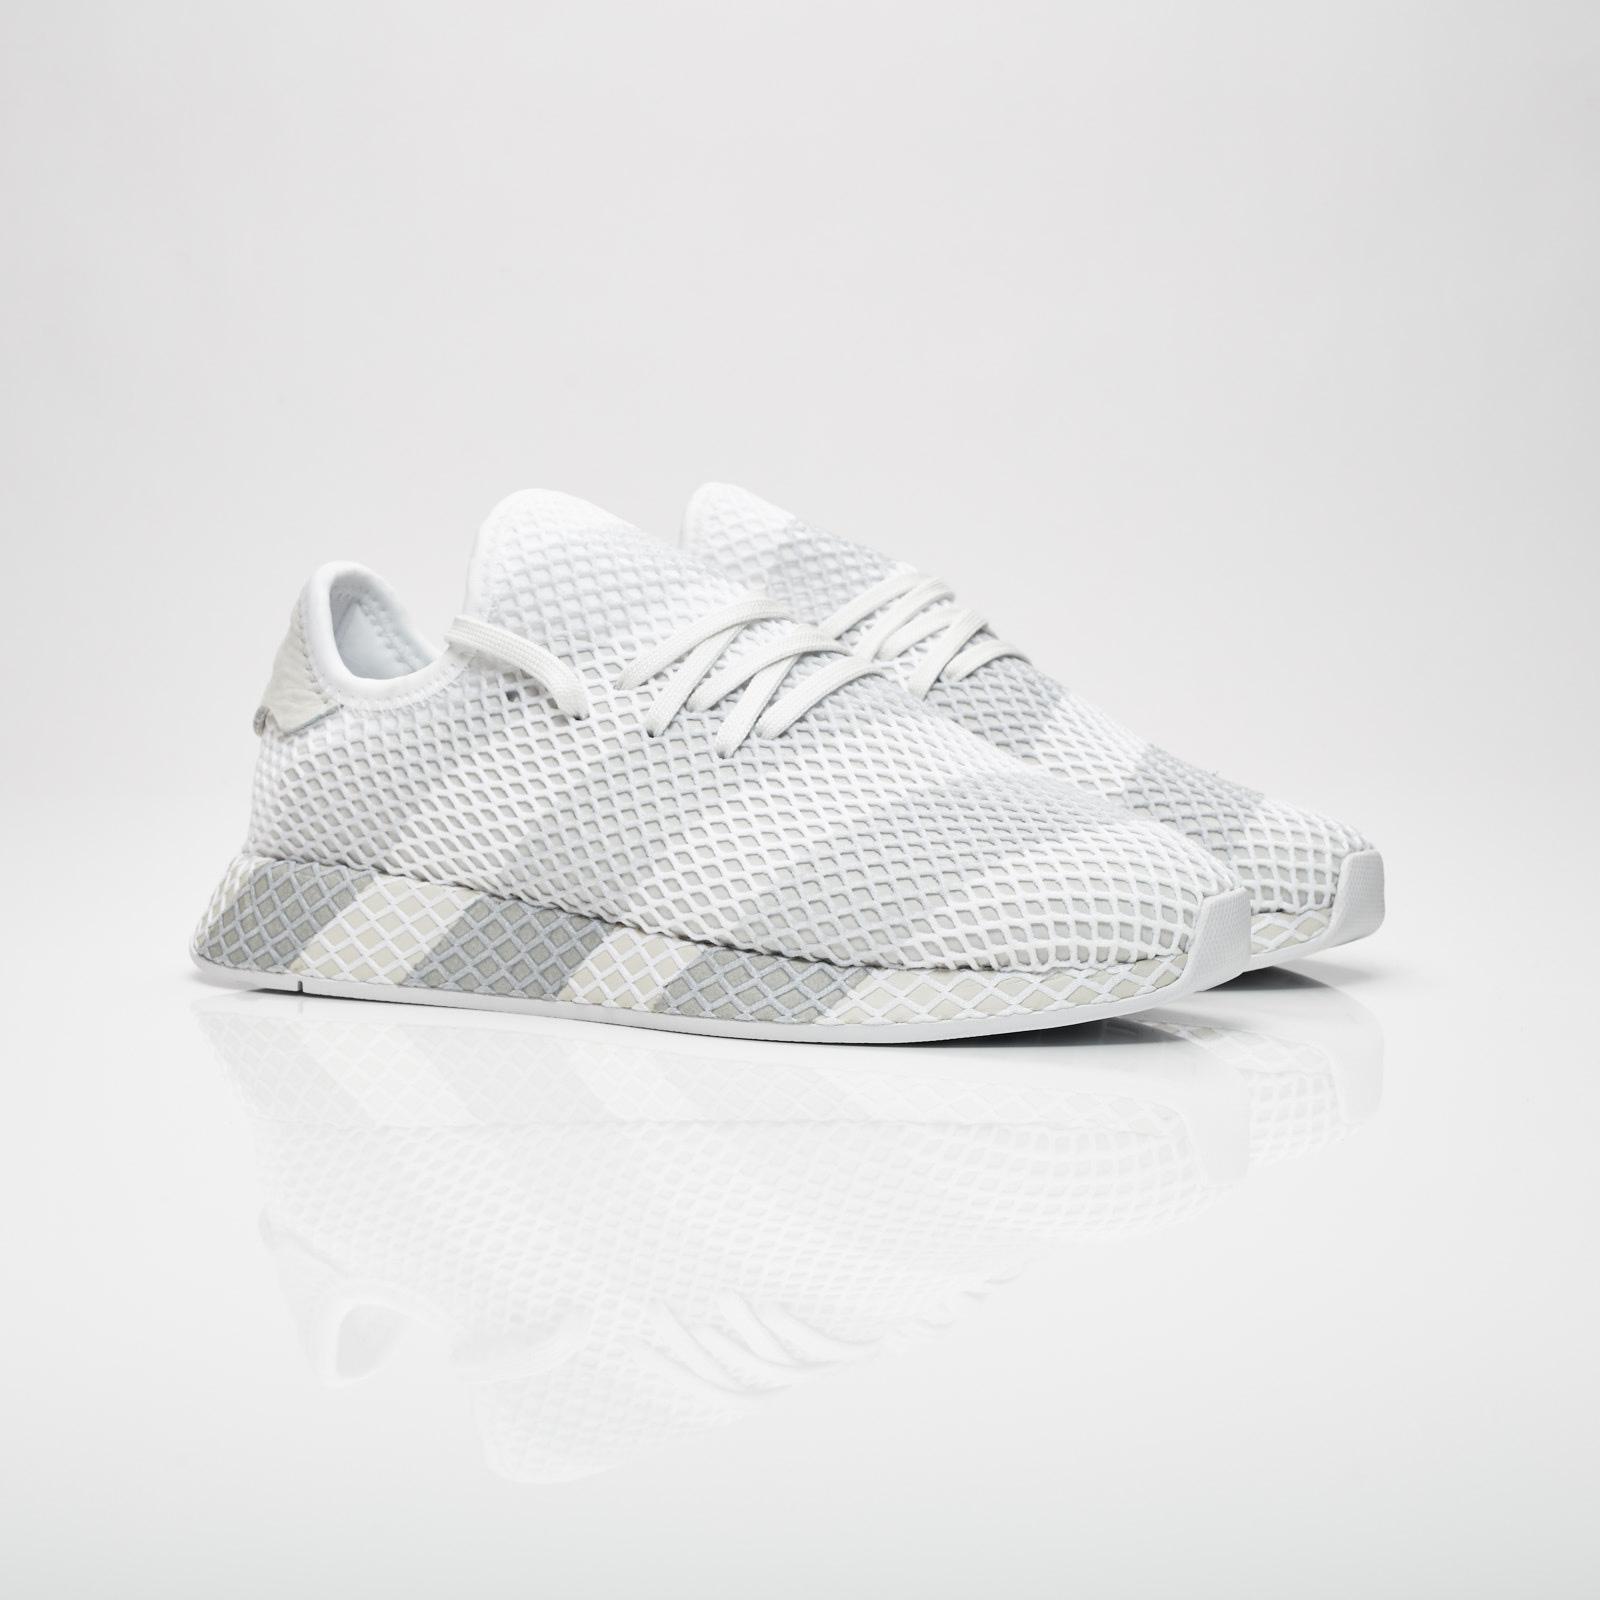 890de98bdd1c69 adidas Deerupt Consortium - Ac7755 - Sneakersnstuff